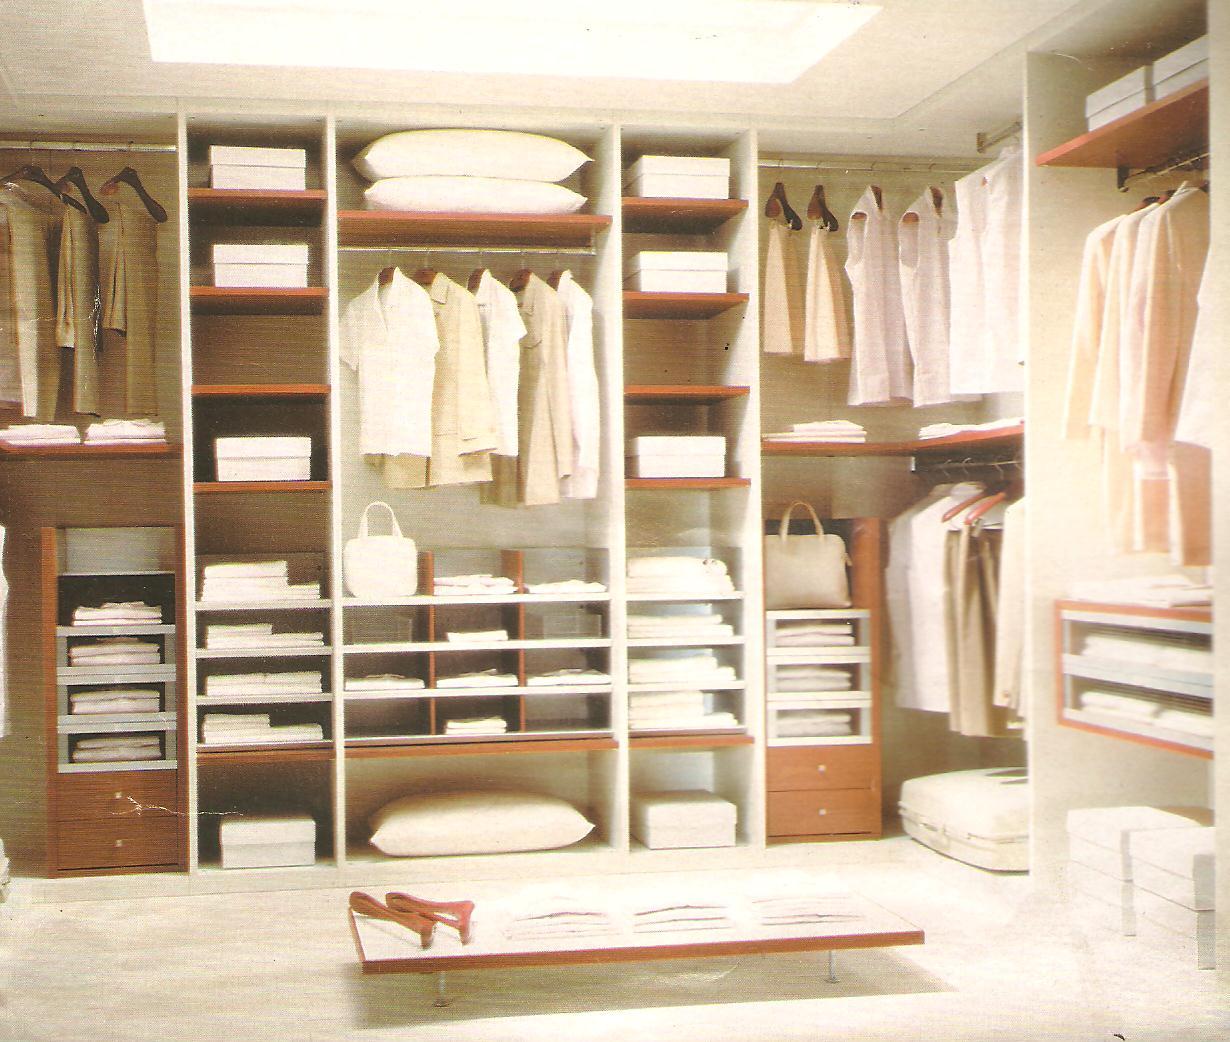 Muebles diaz mueble de cocina for Muebles diaz